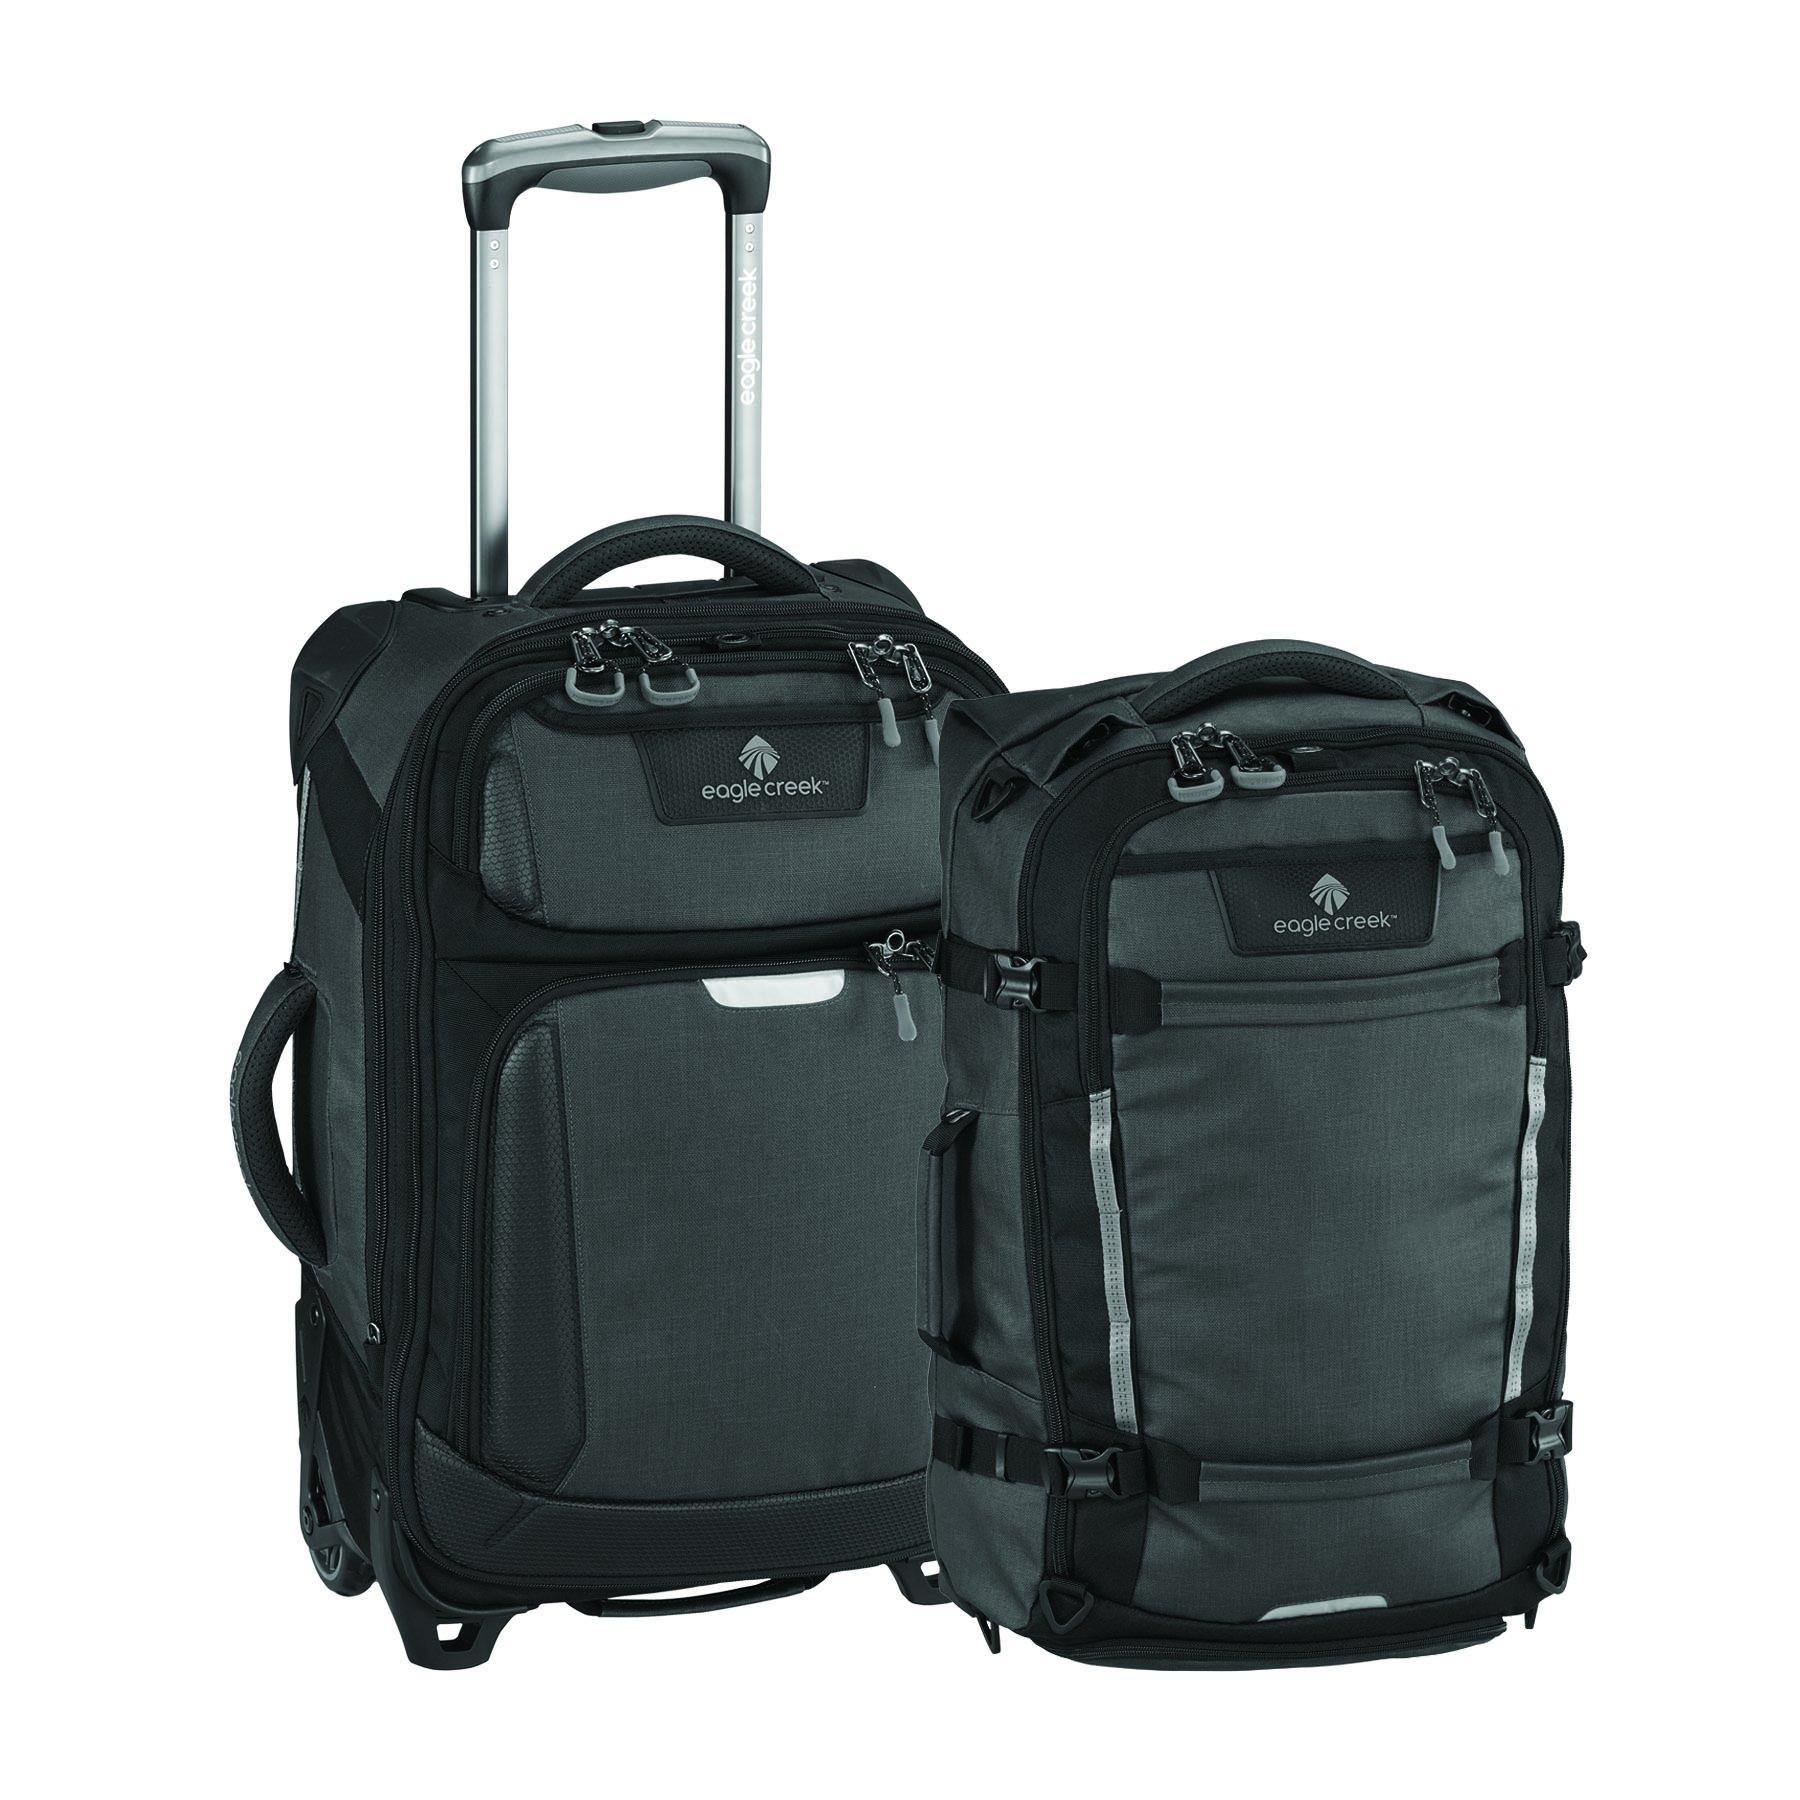 Eagle Creek Gear Hauler Luggage + Tarmac 22 Inch Luggage, Asphalt Black